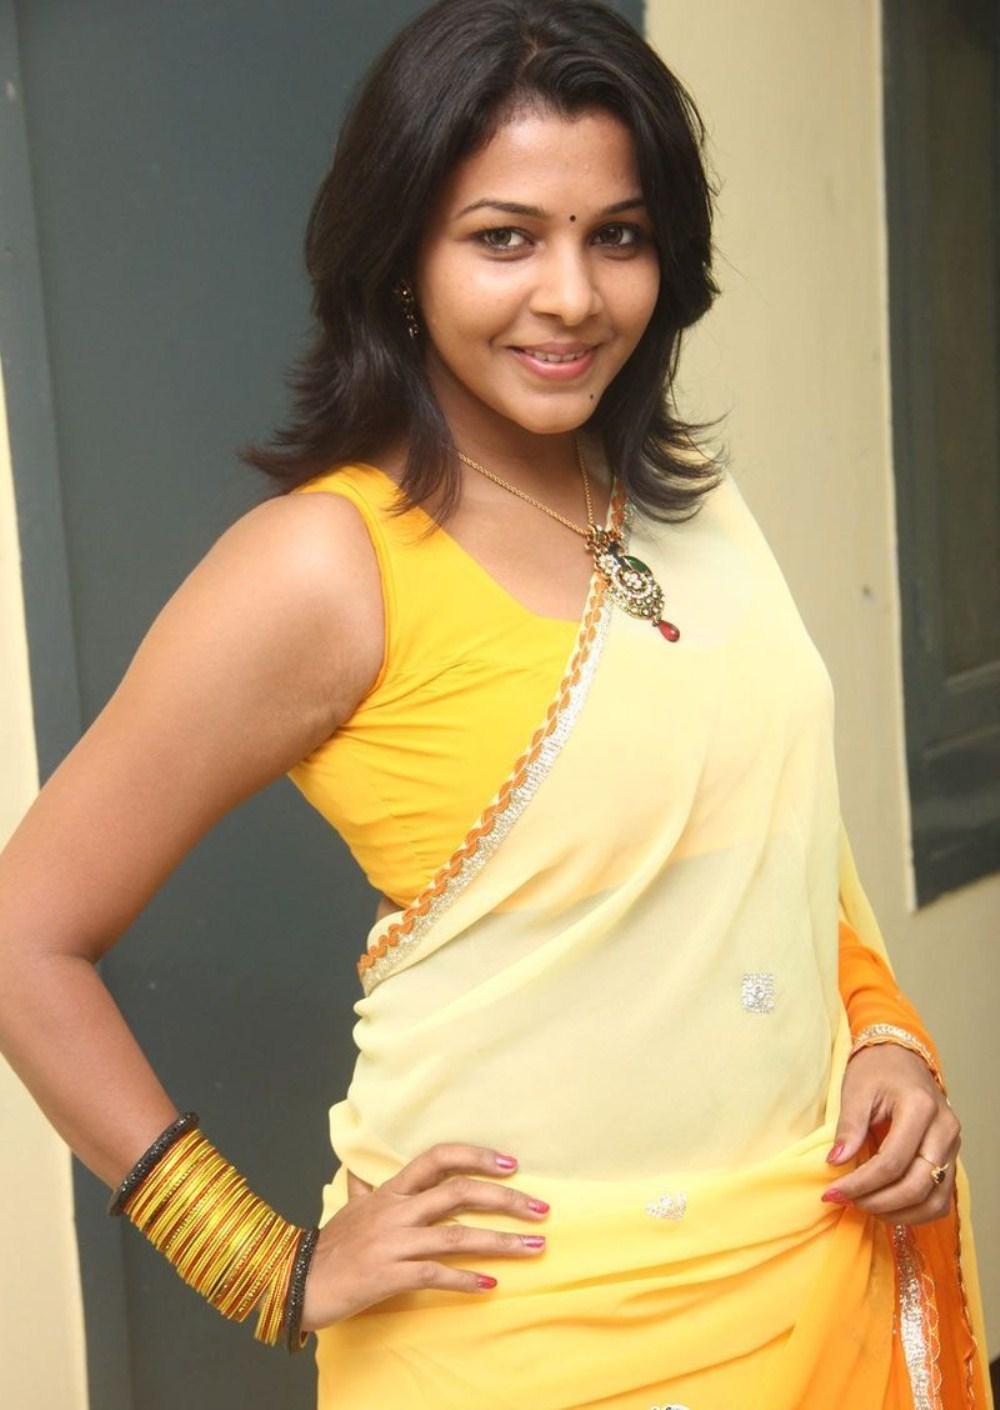 Saranya nag new hot photos in saree